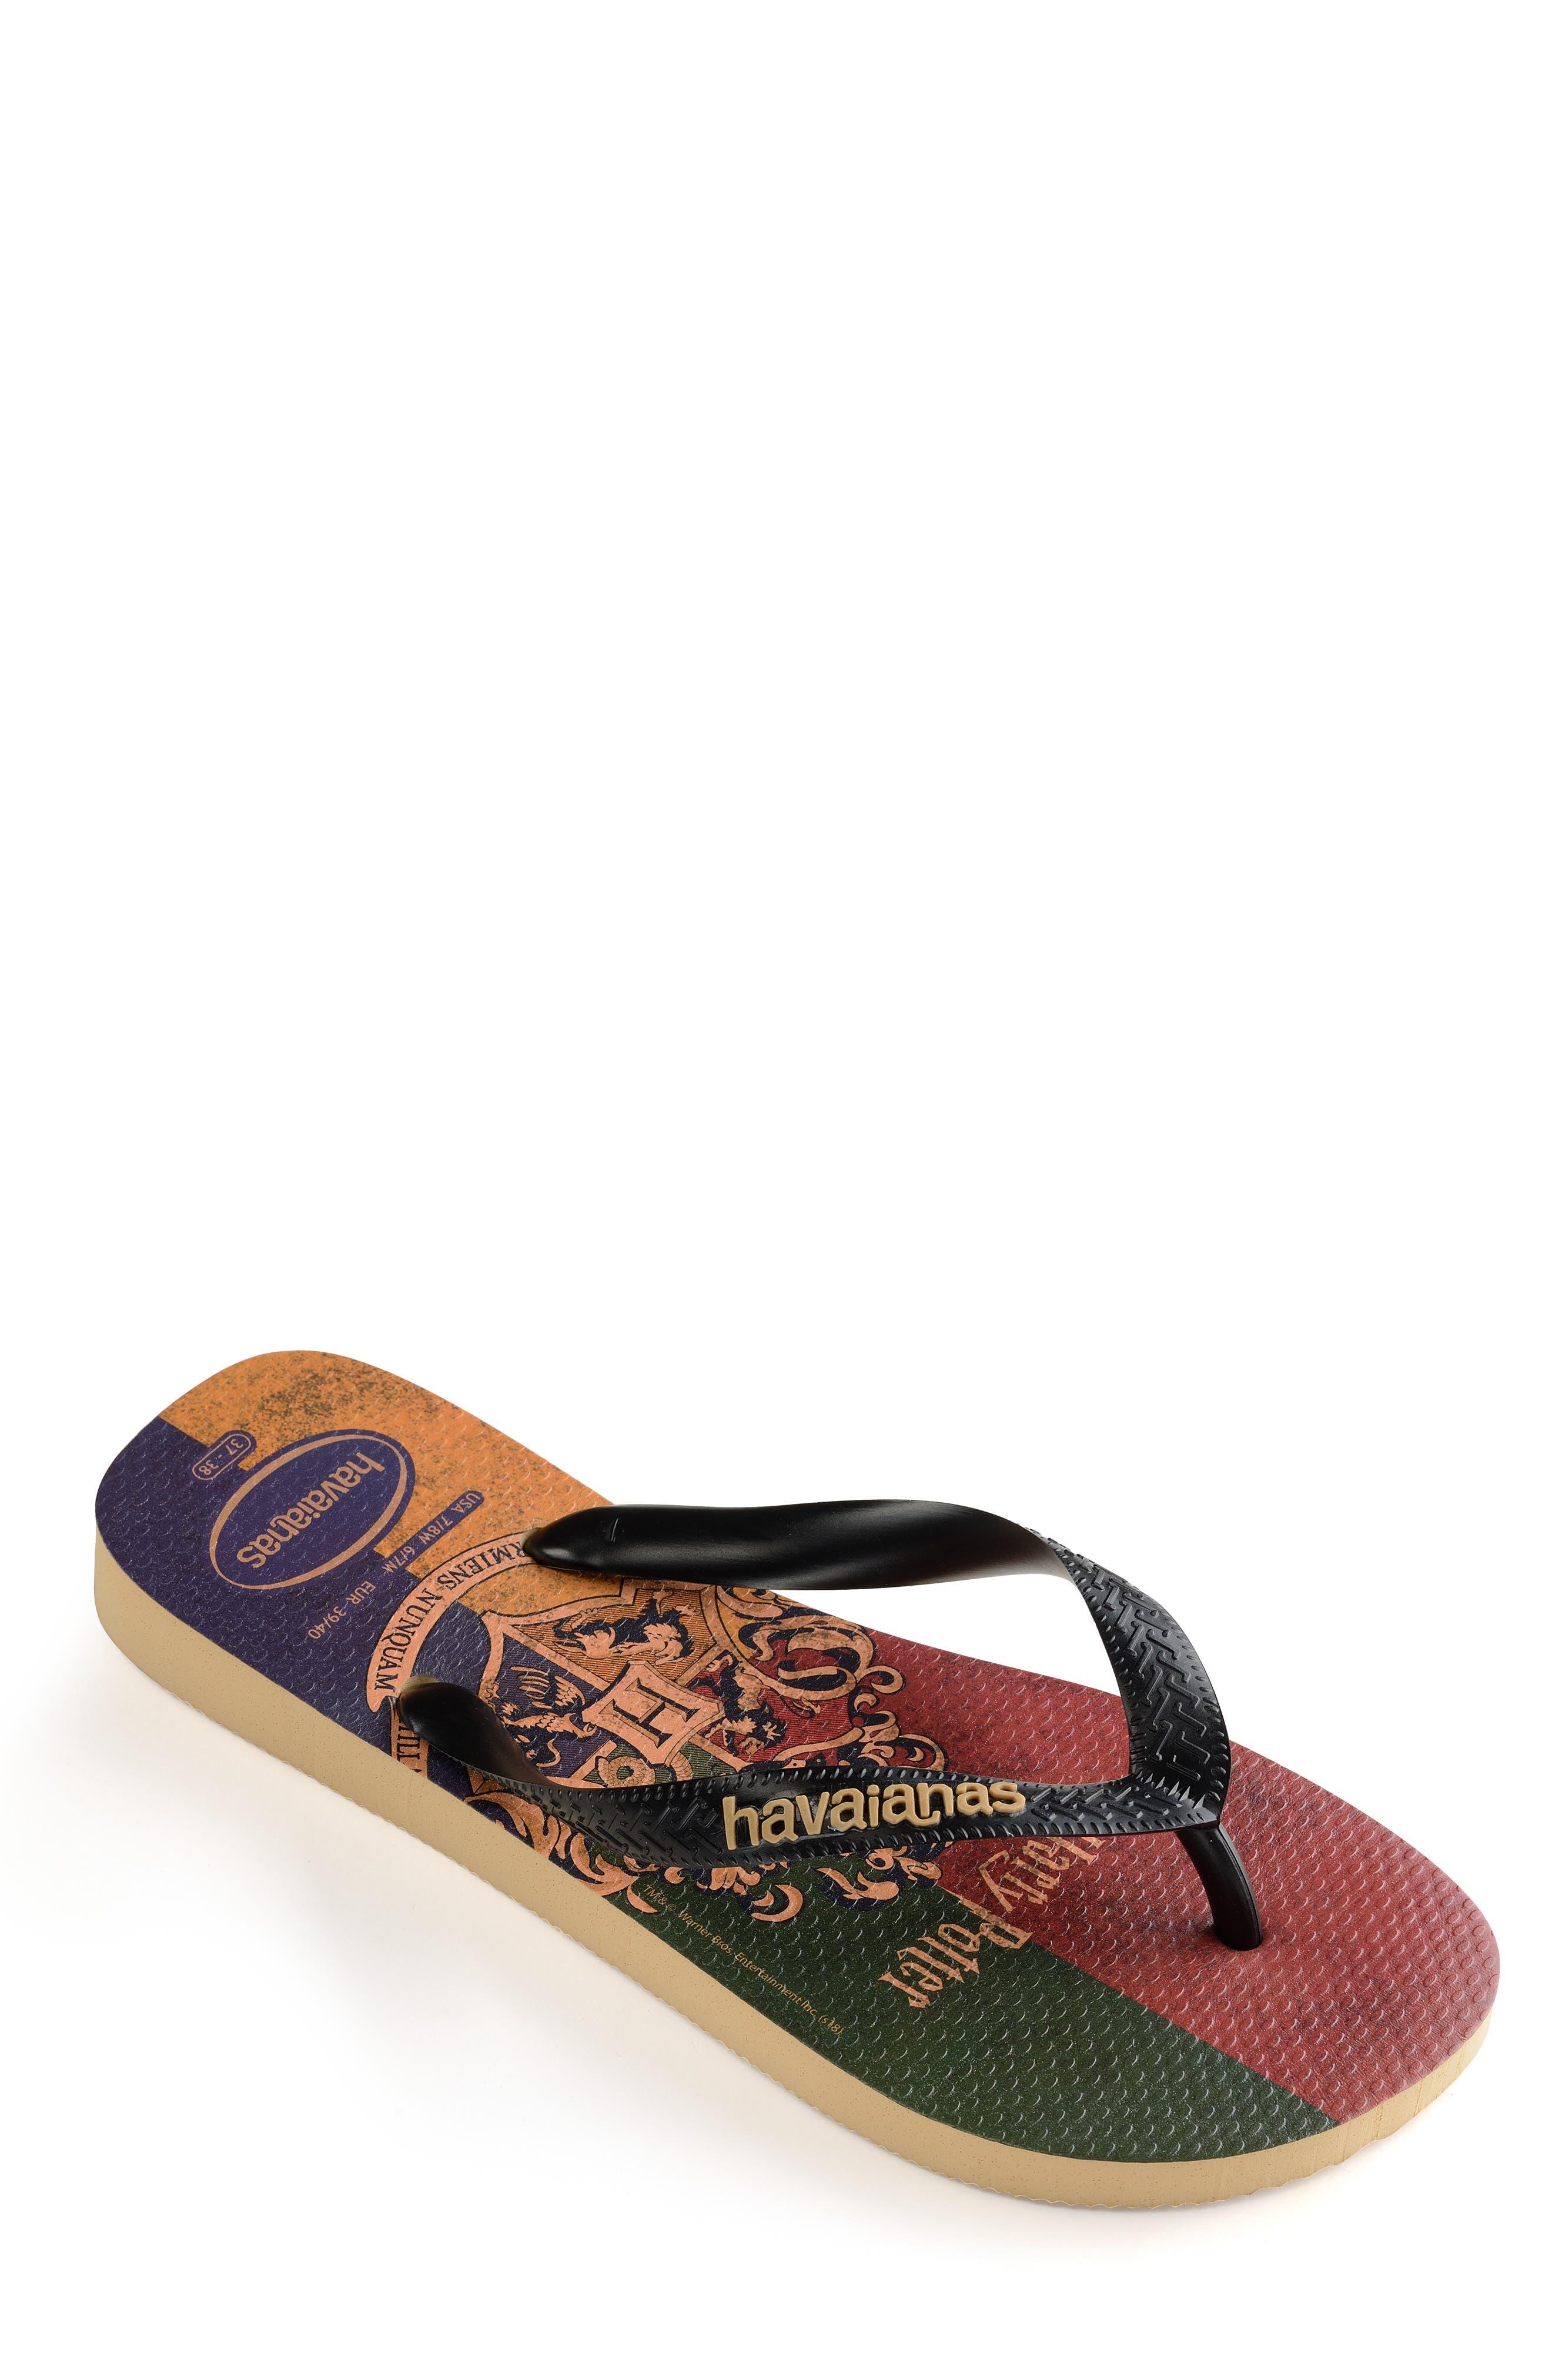 059403bd8df5 Havaianas Flip-Flops for Men